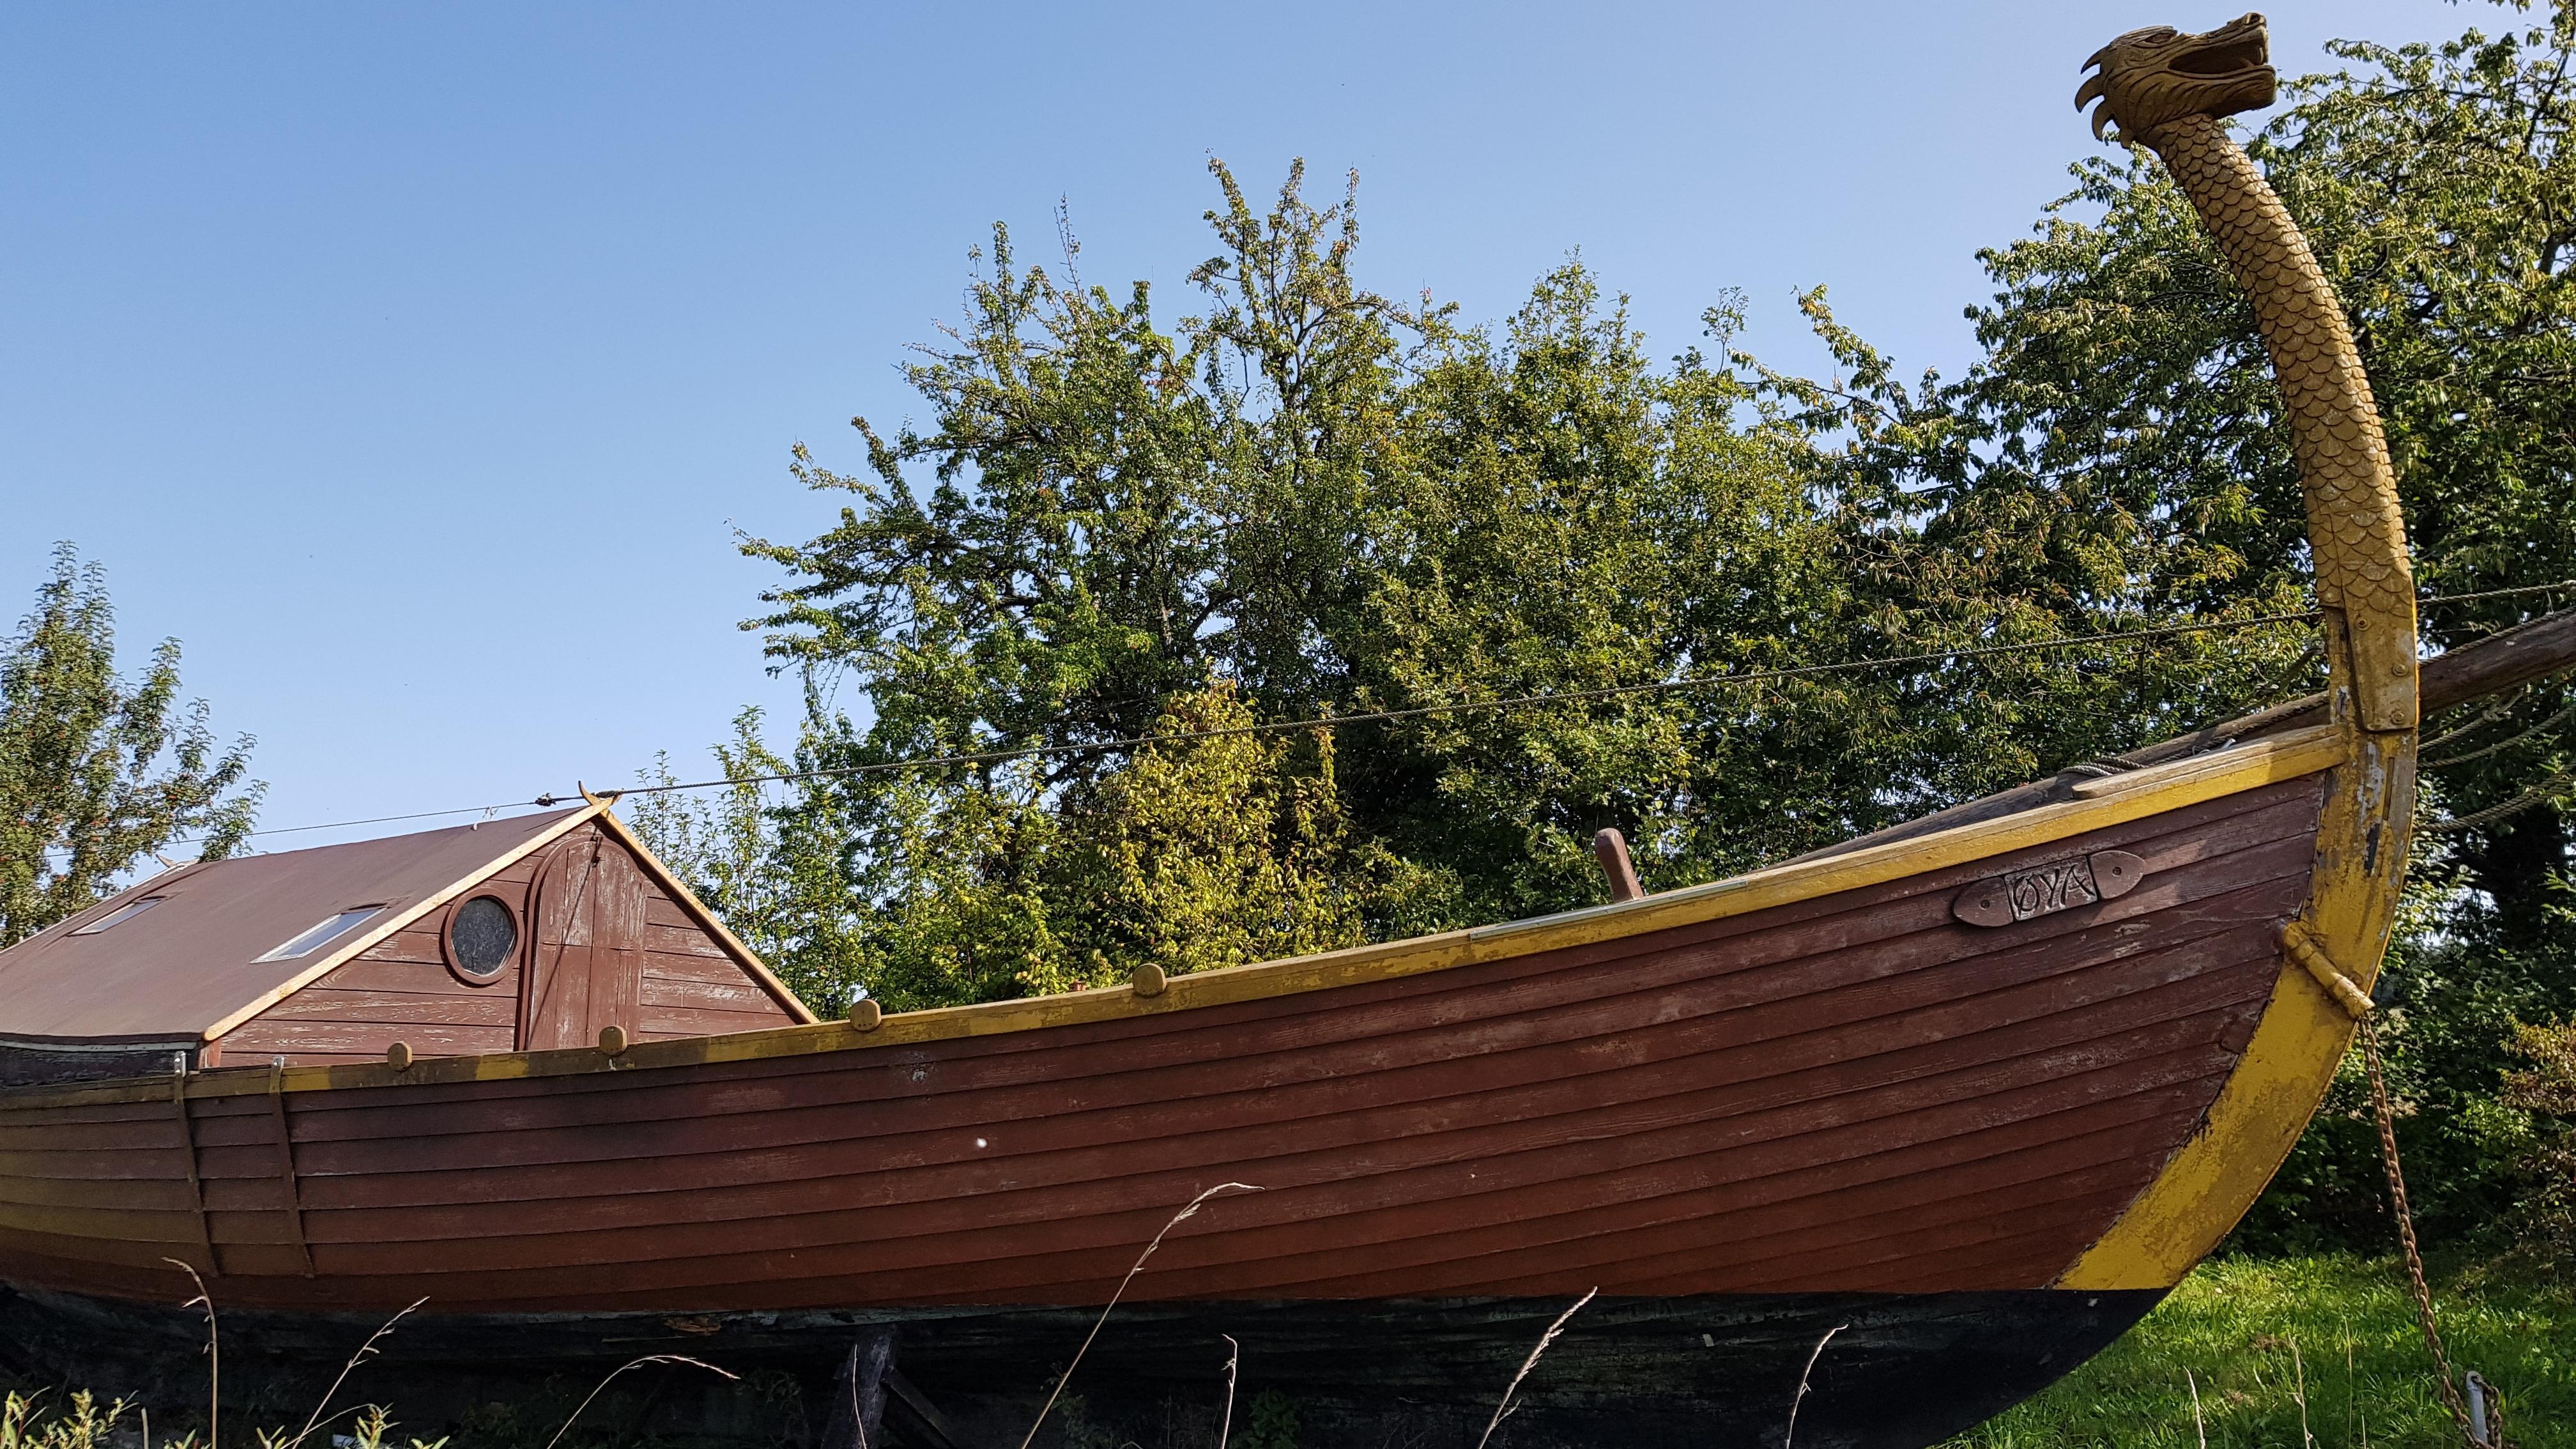 Im Adventon Histotainment Park kann man dieses Drachenboot besuchen und bestaunen.